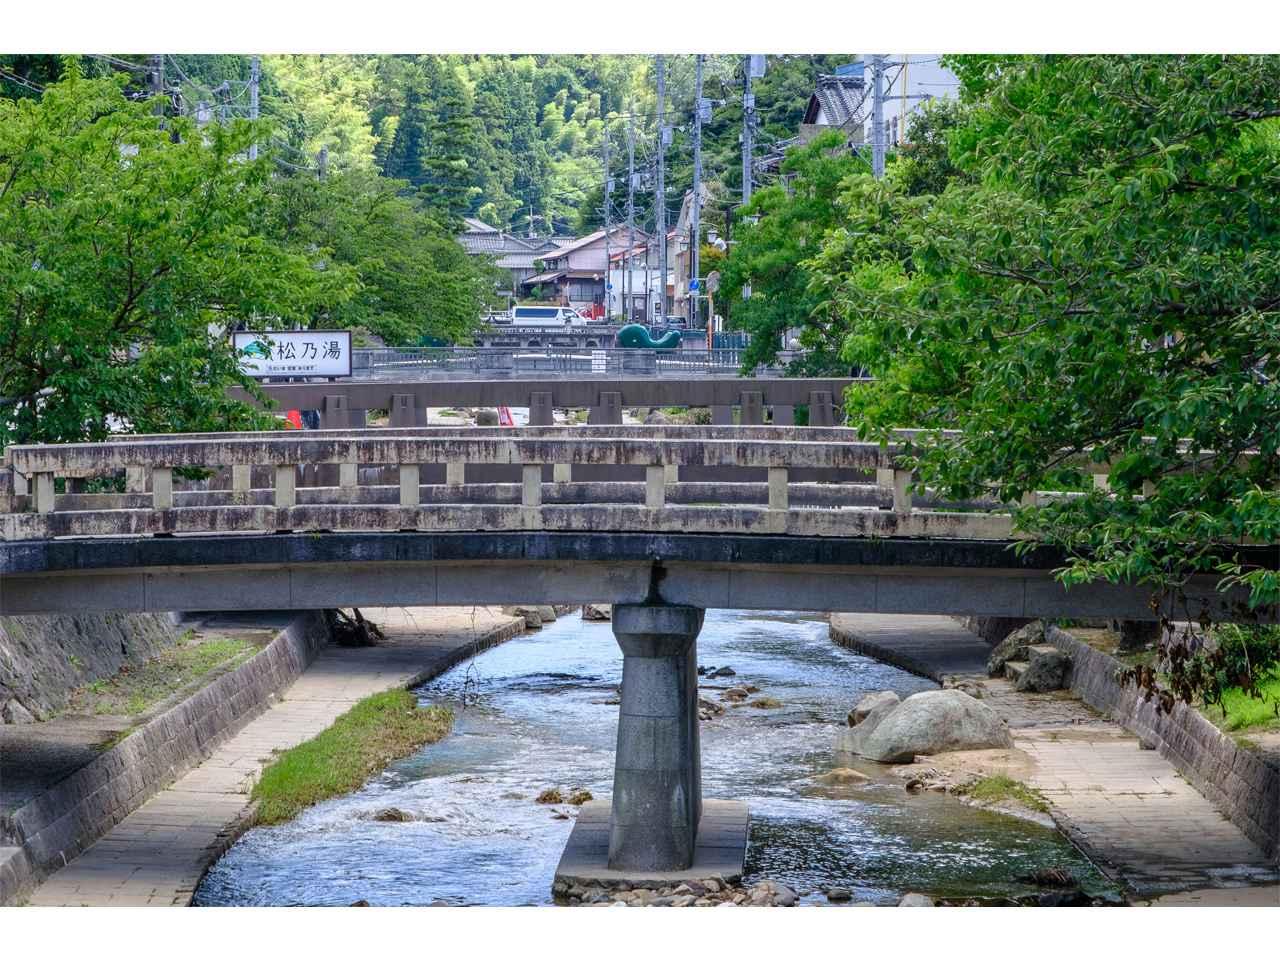 画像: 玉湯川には多くの個性的な橋が架けられ、写真スポットともなっています。